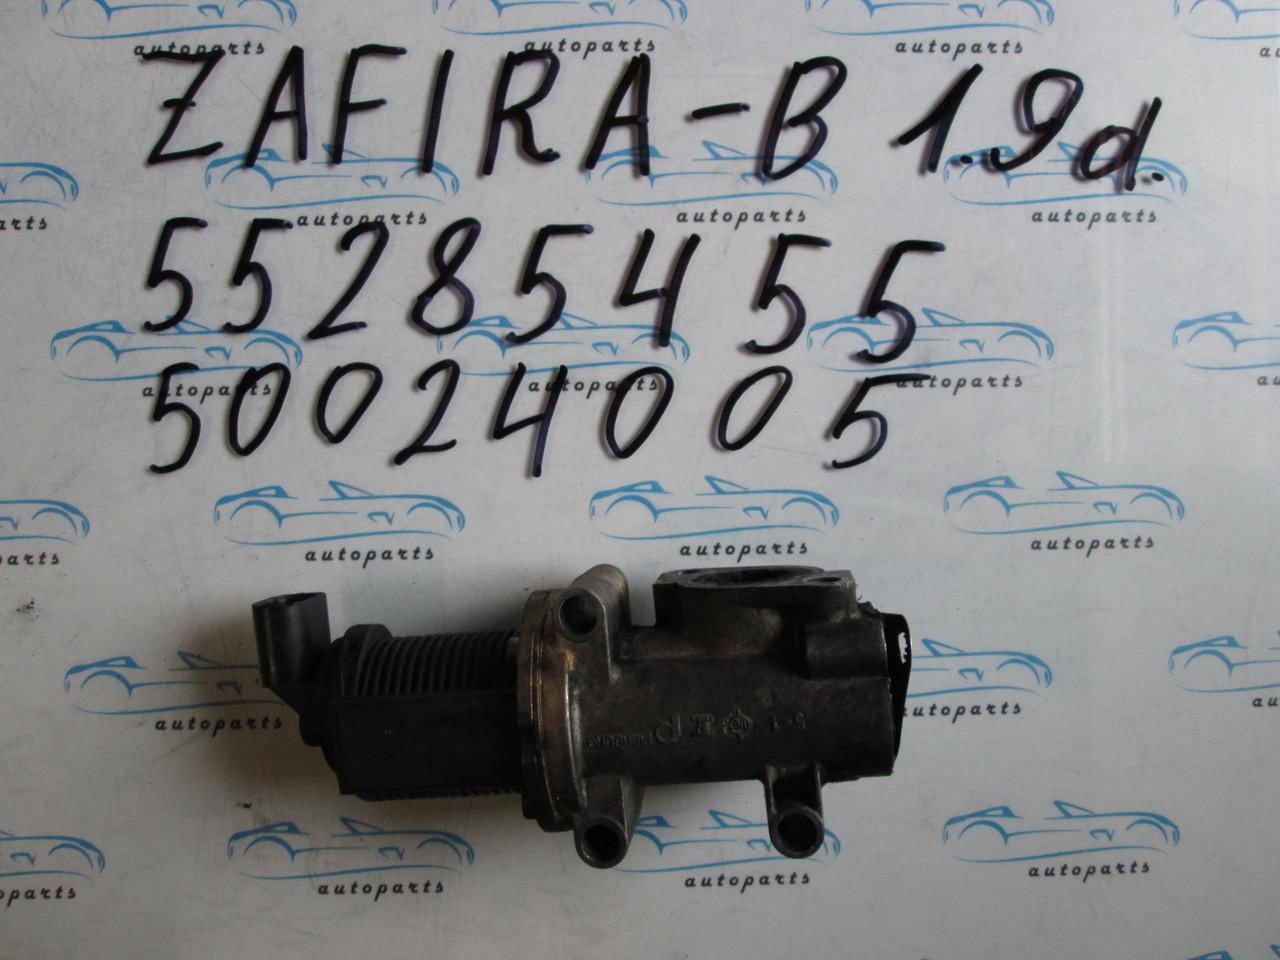 Клапан EGR опель Вектра С, opel Vectra C 1.9CDTI 50024005, 55285455